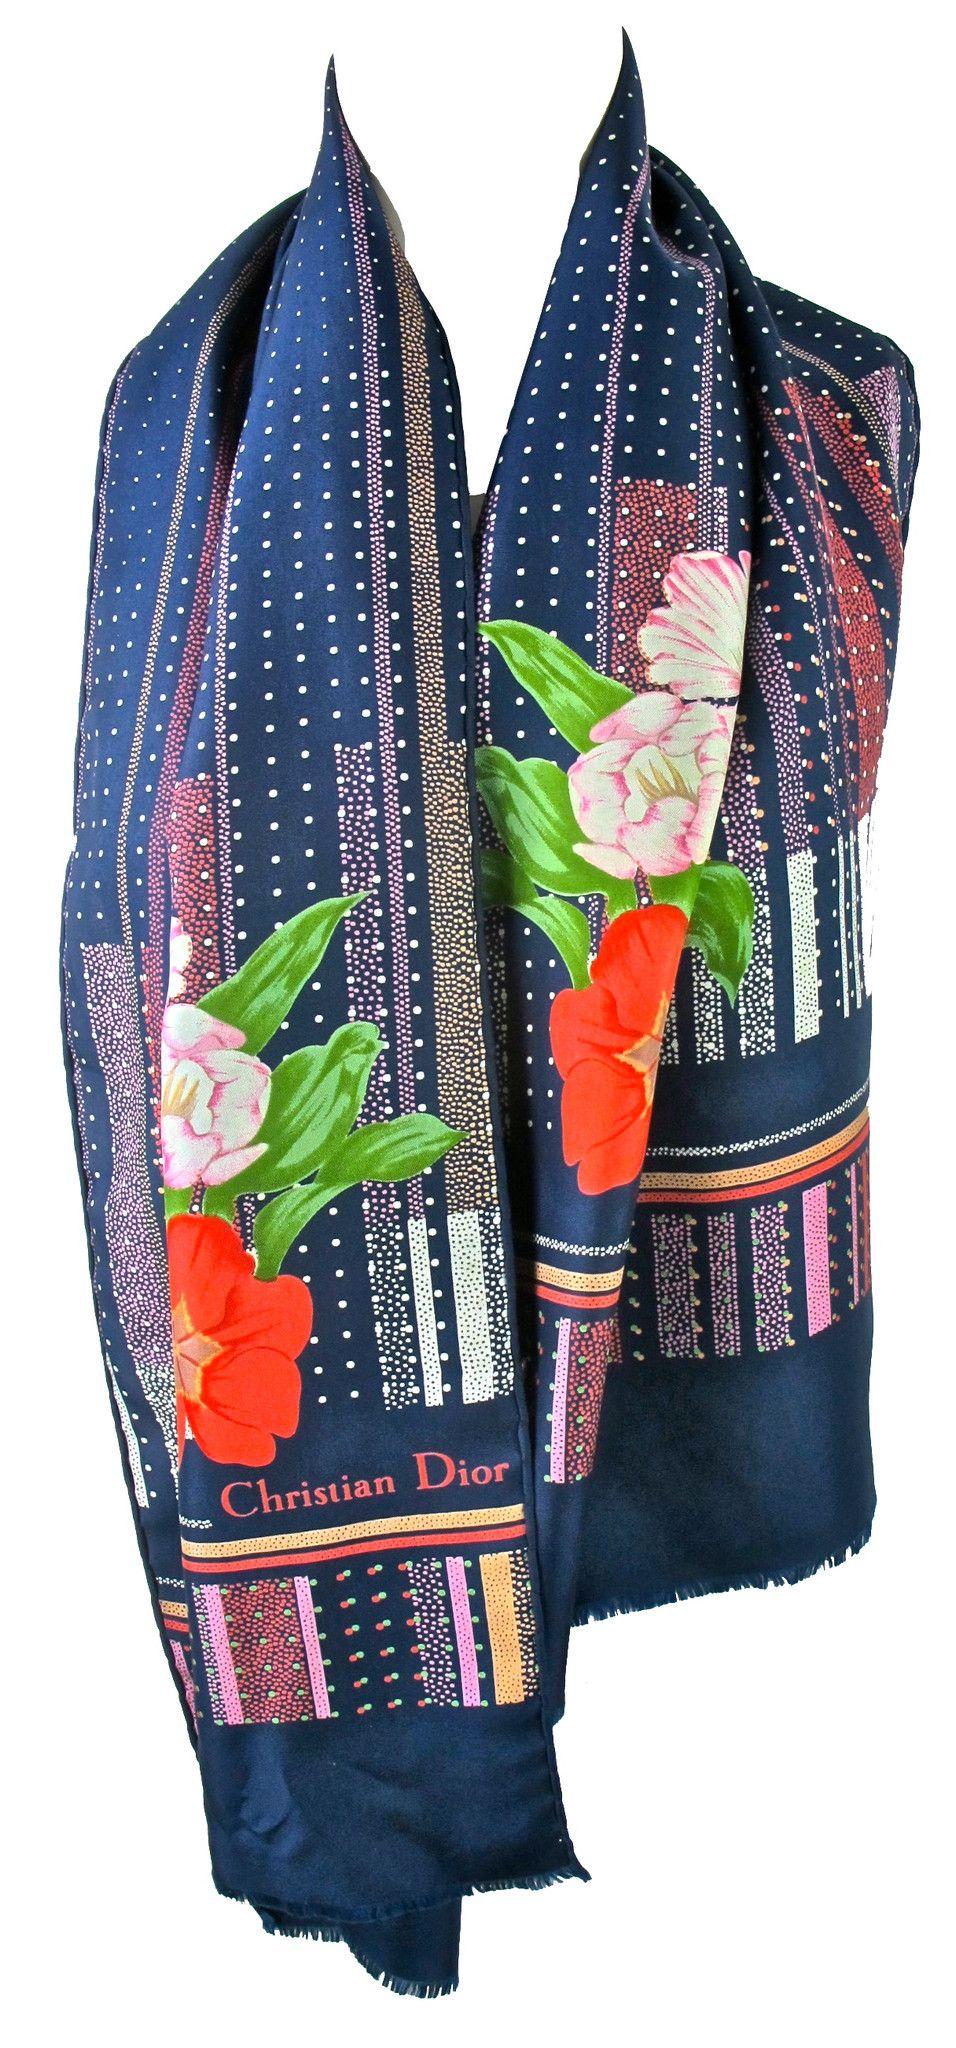 922ef399acf6 I found this Vintage Christian Dior Silk Scarf on www.peekaboovintage.com